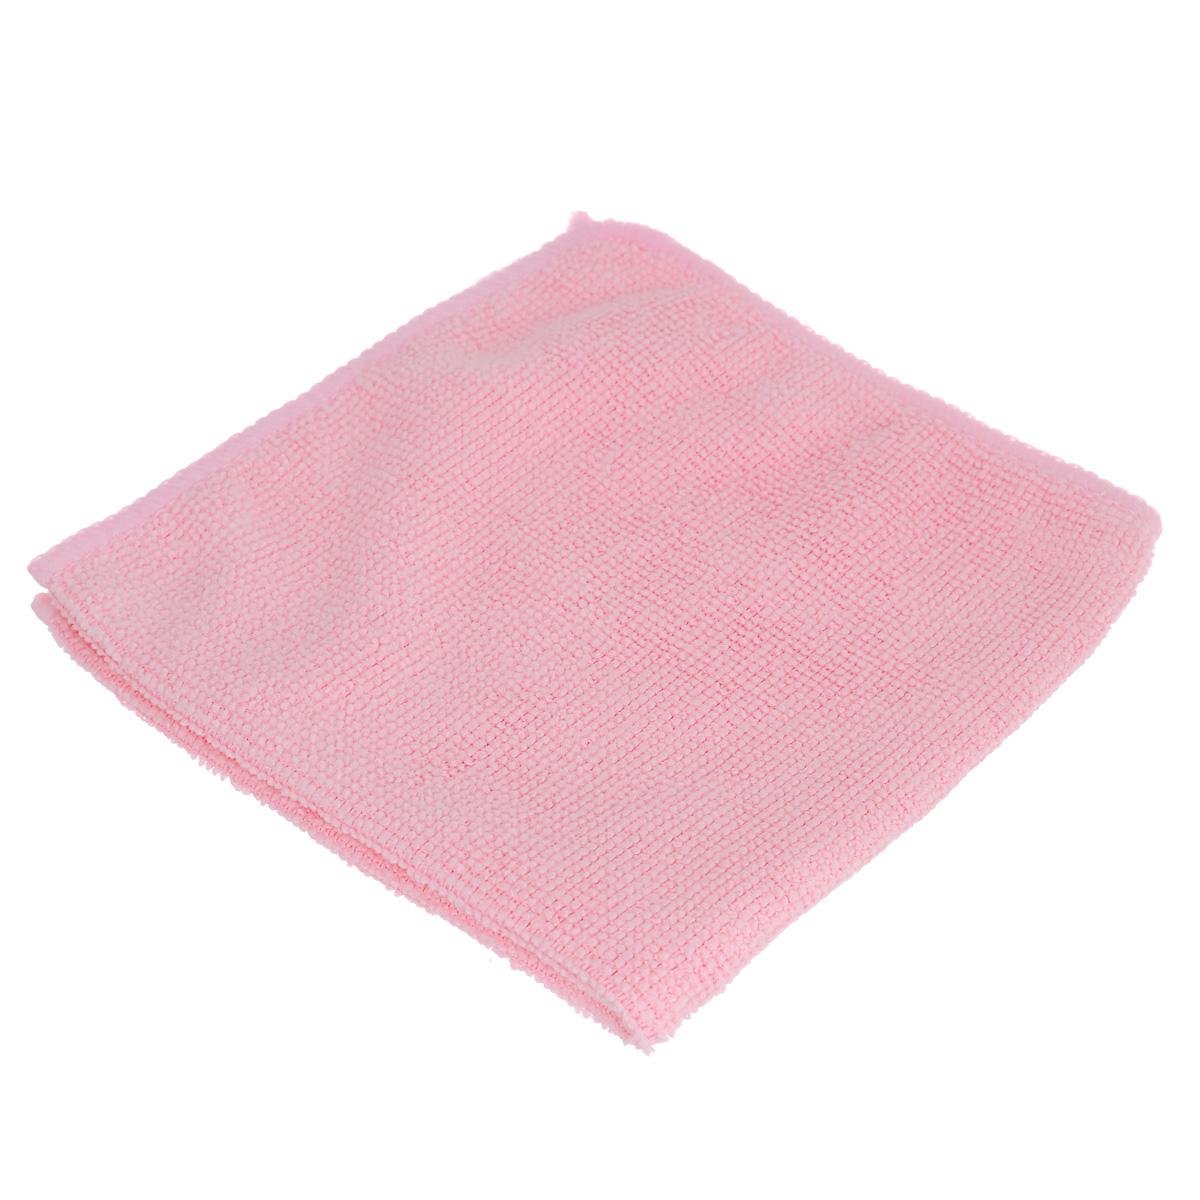 Салфетка из микрофибры Home Queen, цвет: розовый, 30 х 30 см50308Салфетка Home Queen, изготовленная из полиамида и полиэфира, предназначена для очищения загрязнений на любых поверхностях. Изделие обладает высокой износоустойчивостью и рассчитано на многократное использование, легко моется в теплой воде с мягкими чистящими средствами. Супервпитывающая салфетка не оставляет разводов и ворсинок, удаляет большинство жирных и маслянистых загрязнений без использования химических средств. Размер салфетки: 30 см х 30 см.Материал: 30% полиамид, 70% полиэфир.